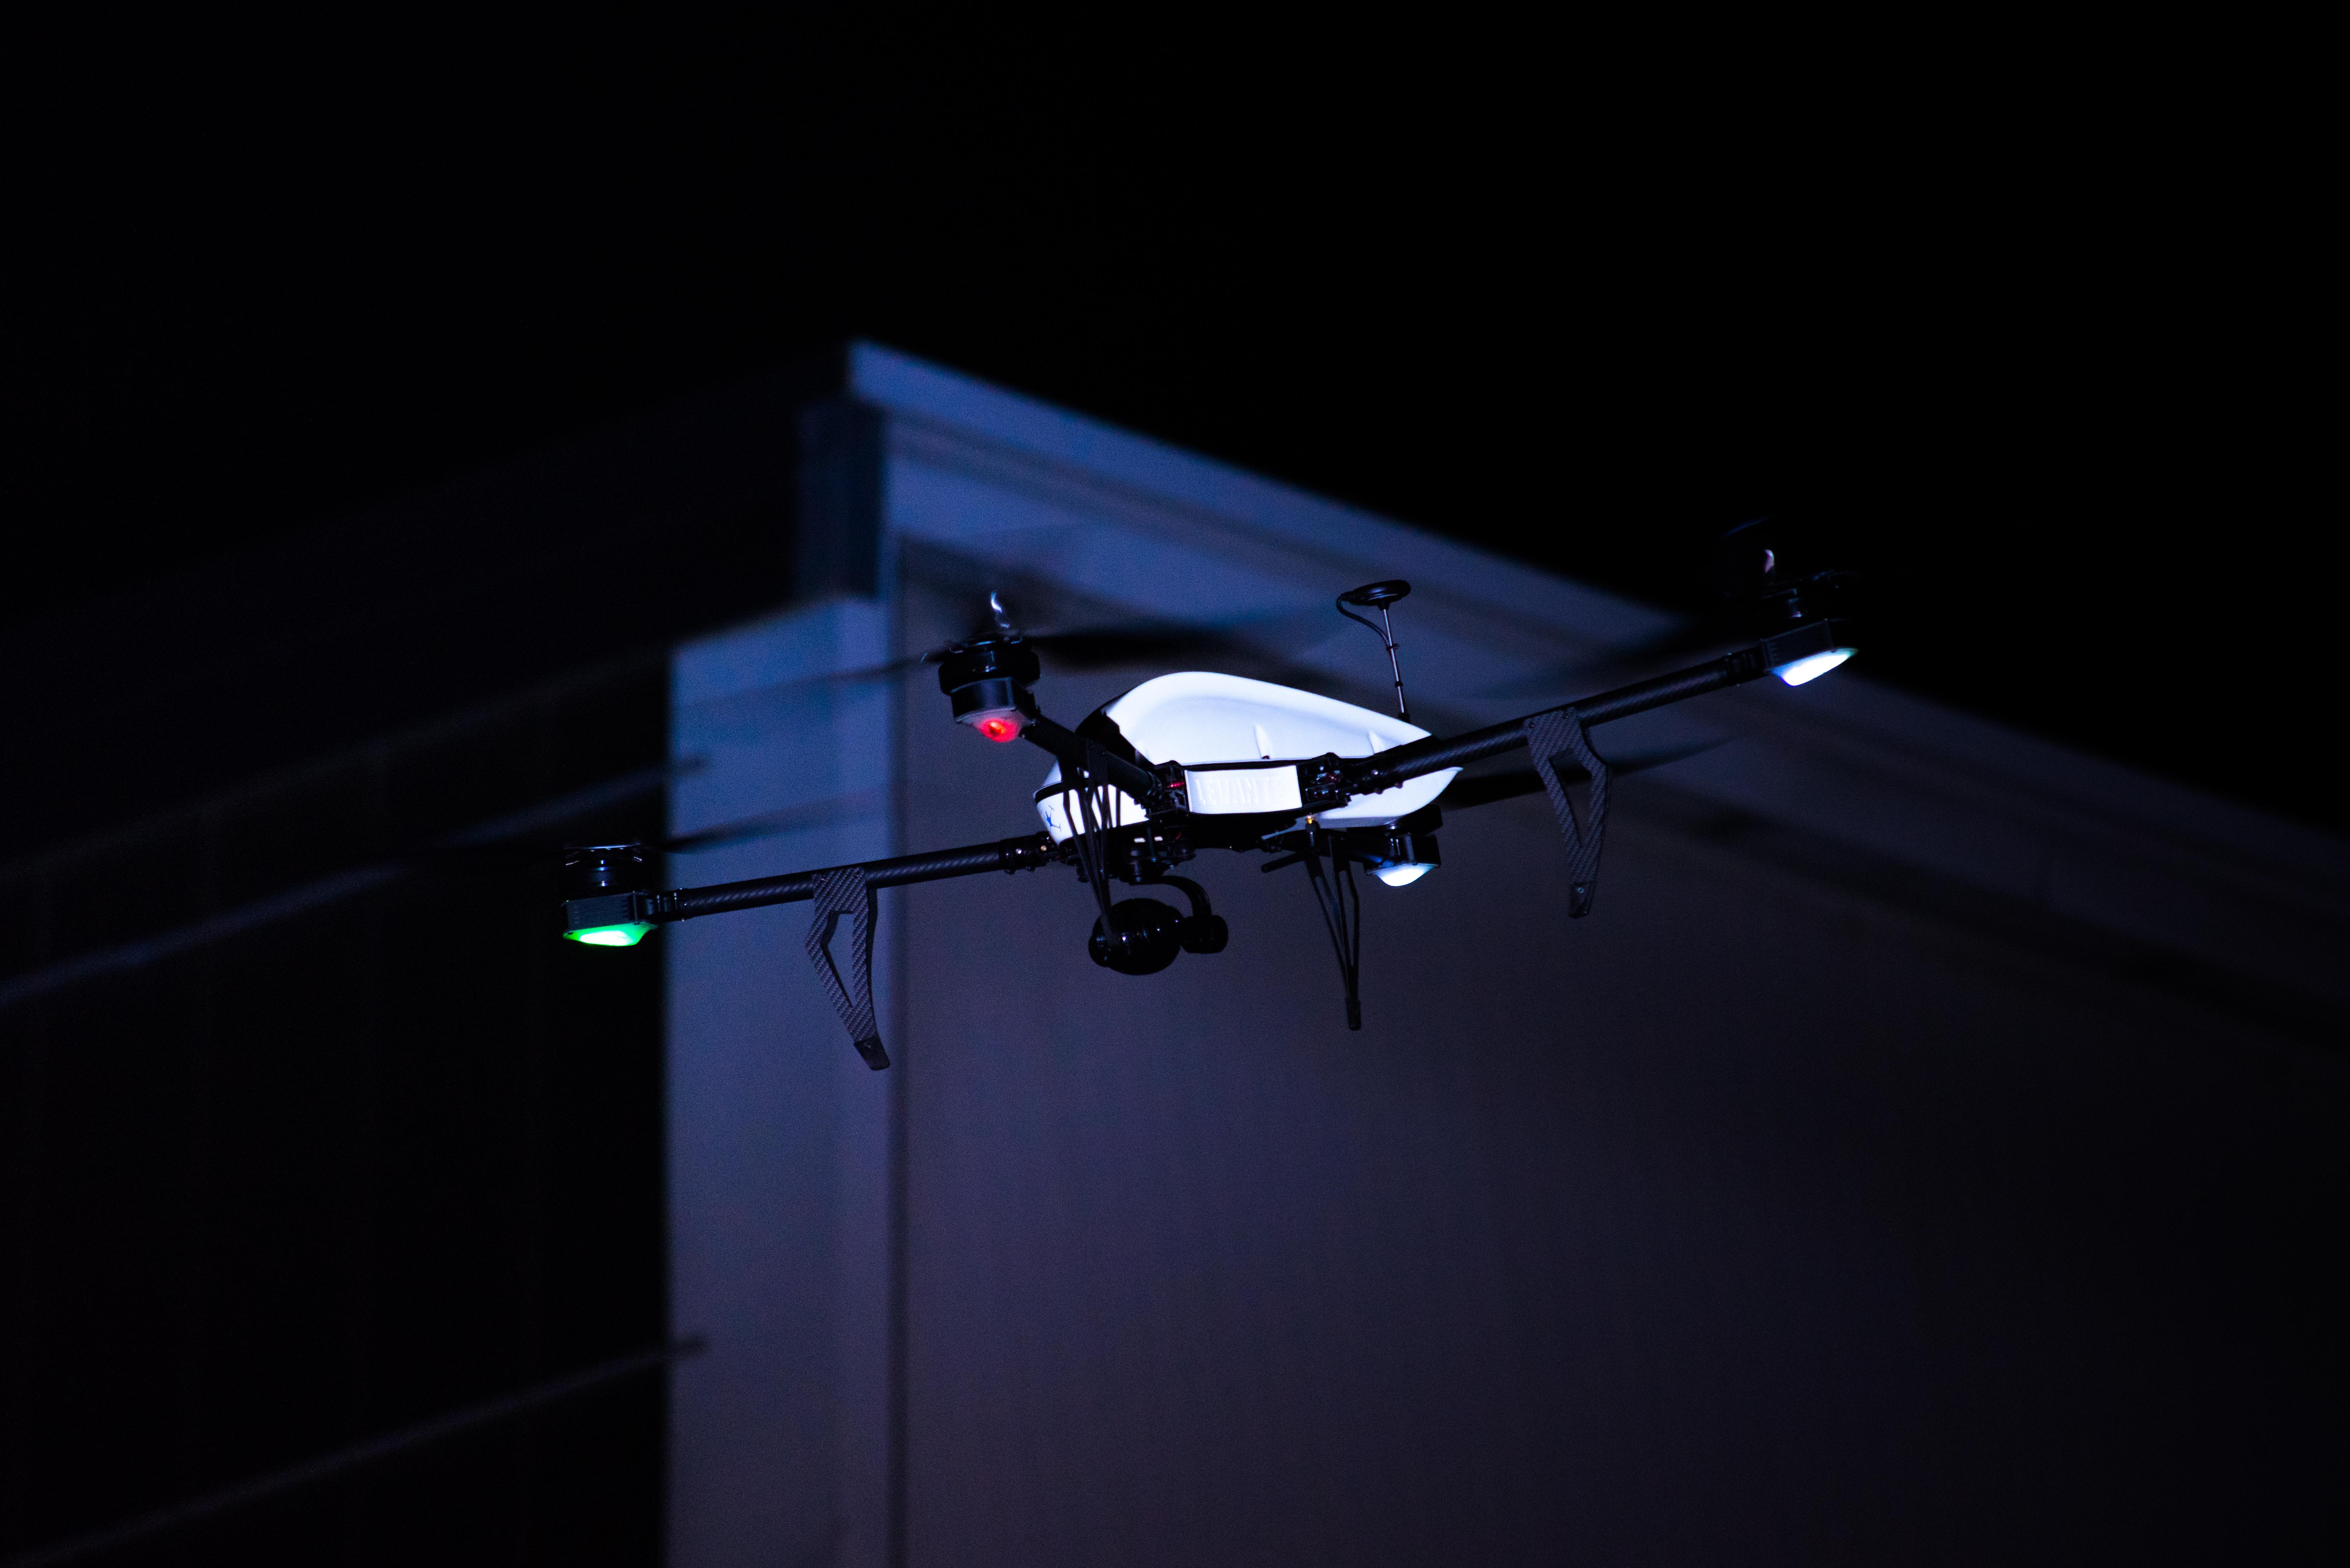 ENAC e Italdron Academy: Pilotaggio APR VLOS in condizioni notturne